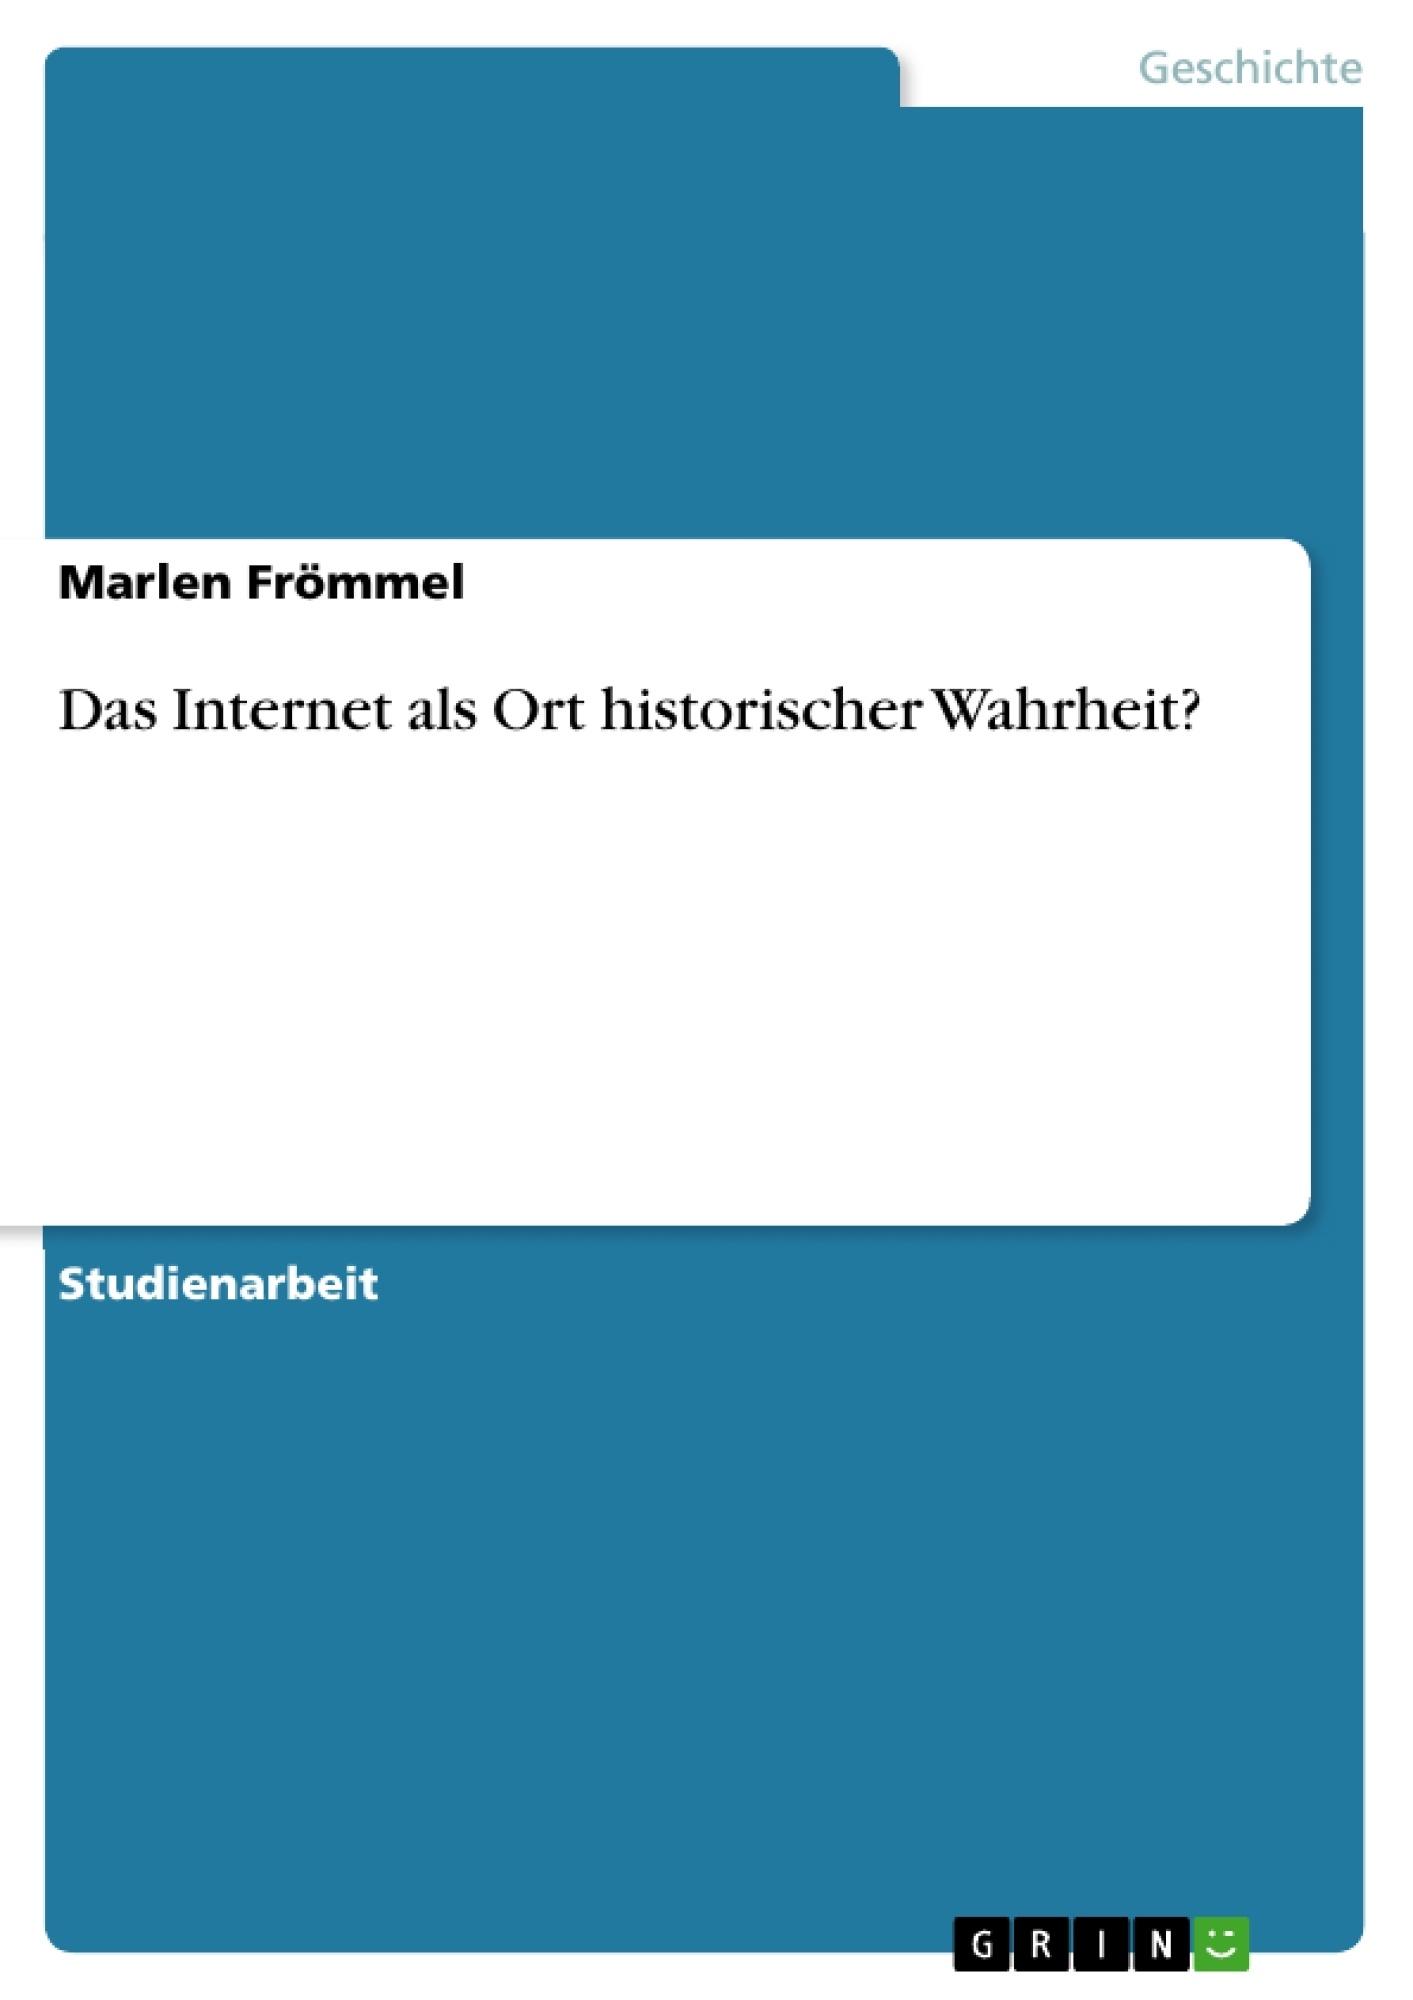 Titel: Das Internet als Ort historischer Wahrheit?